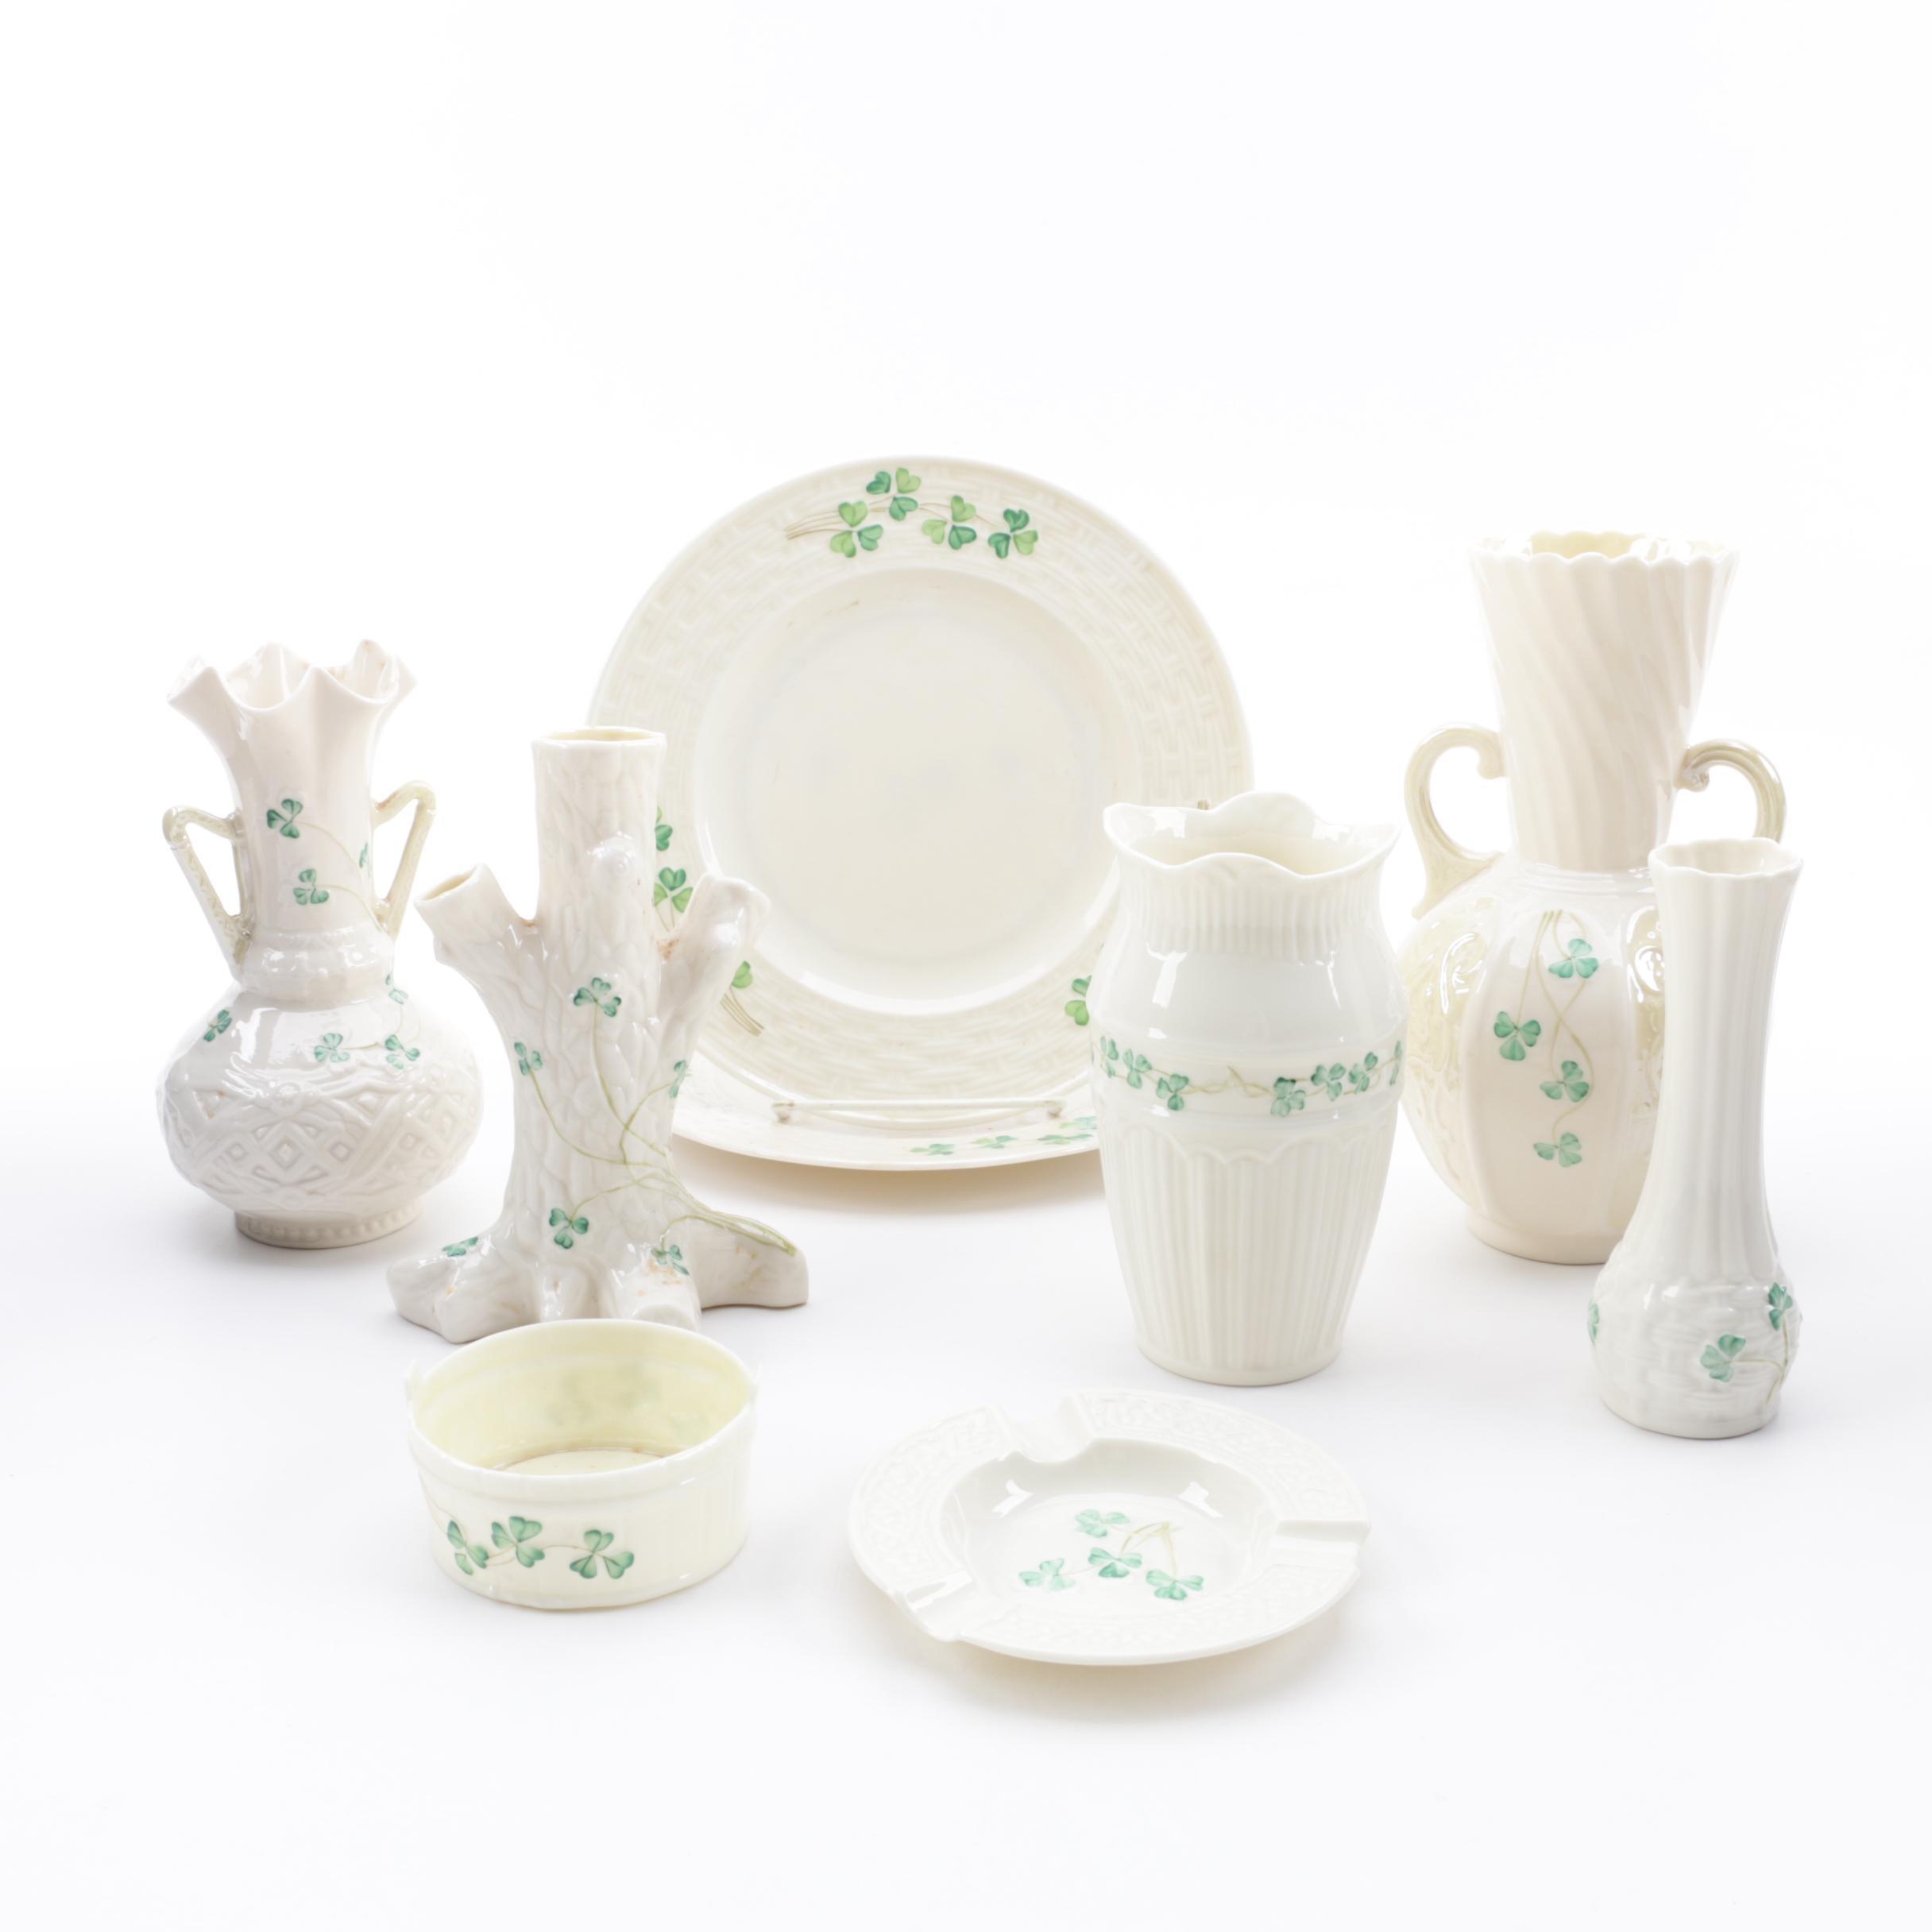 """Belleek """"Shamrock"""" Vases, Plates, and Tableware"""